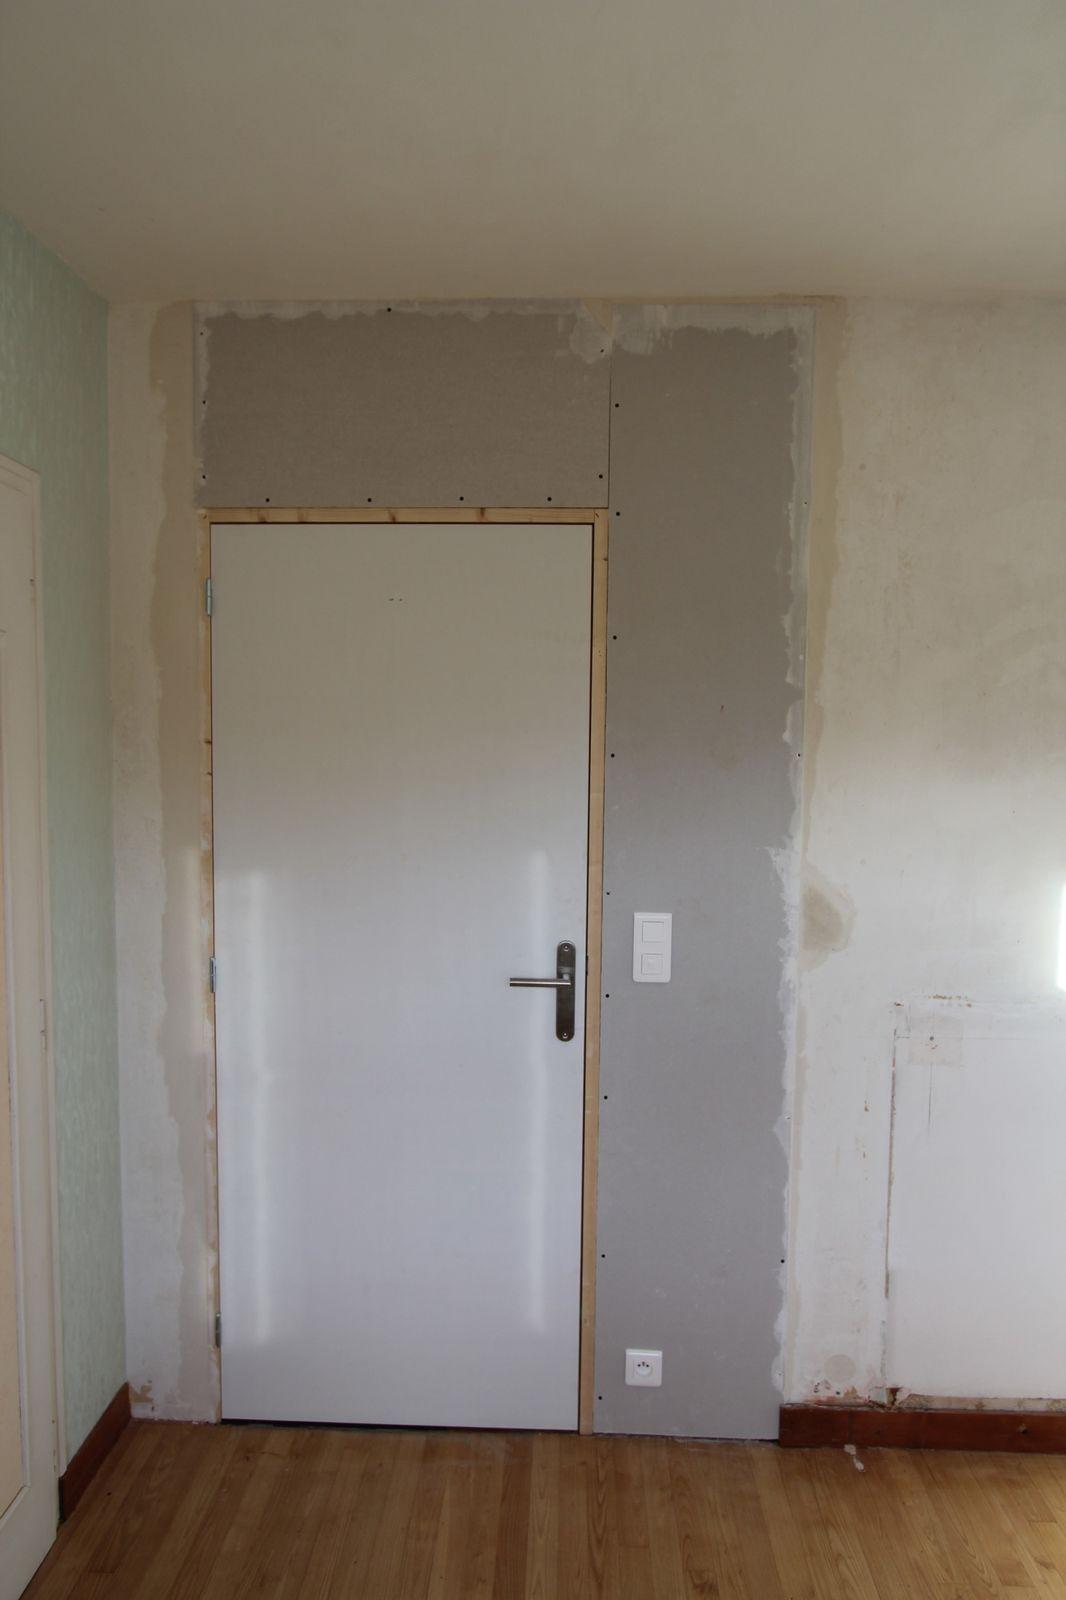 Déplacement de la porte